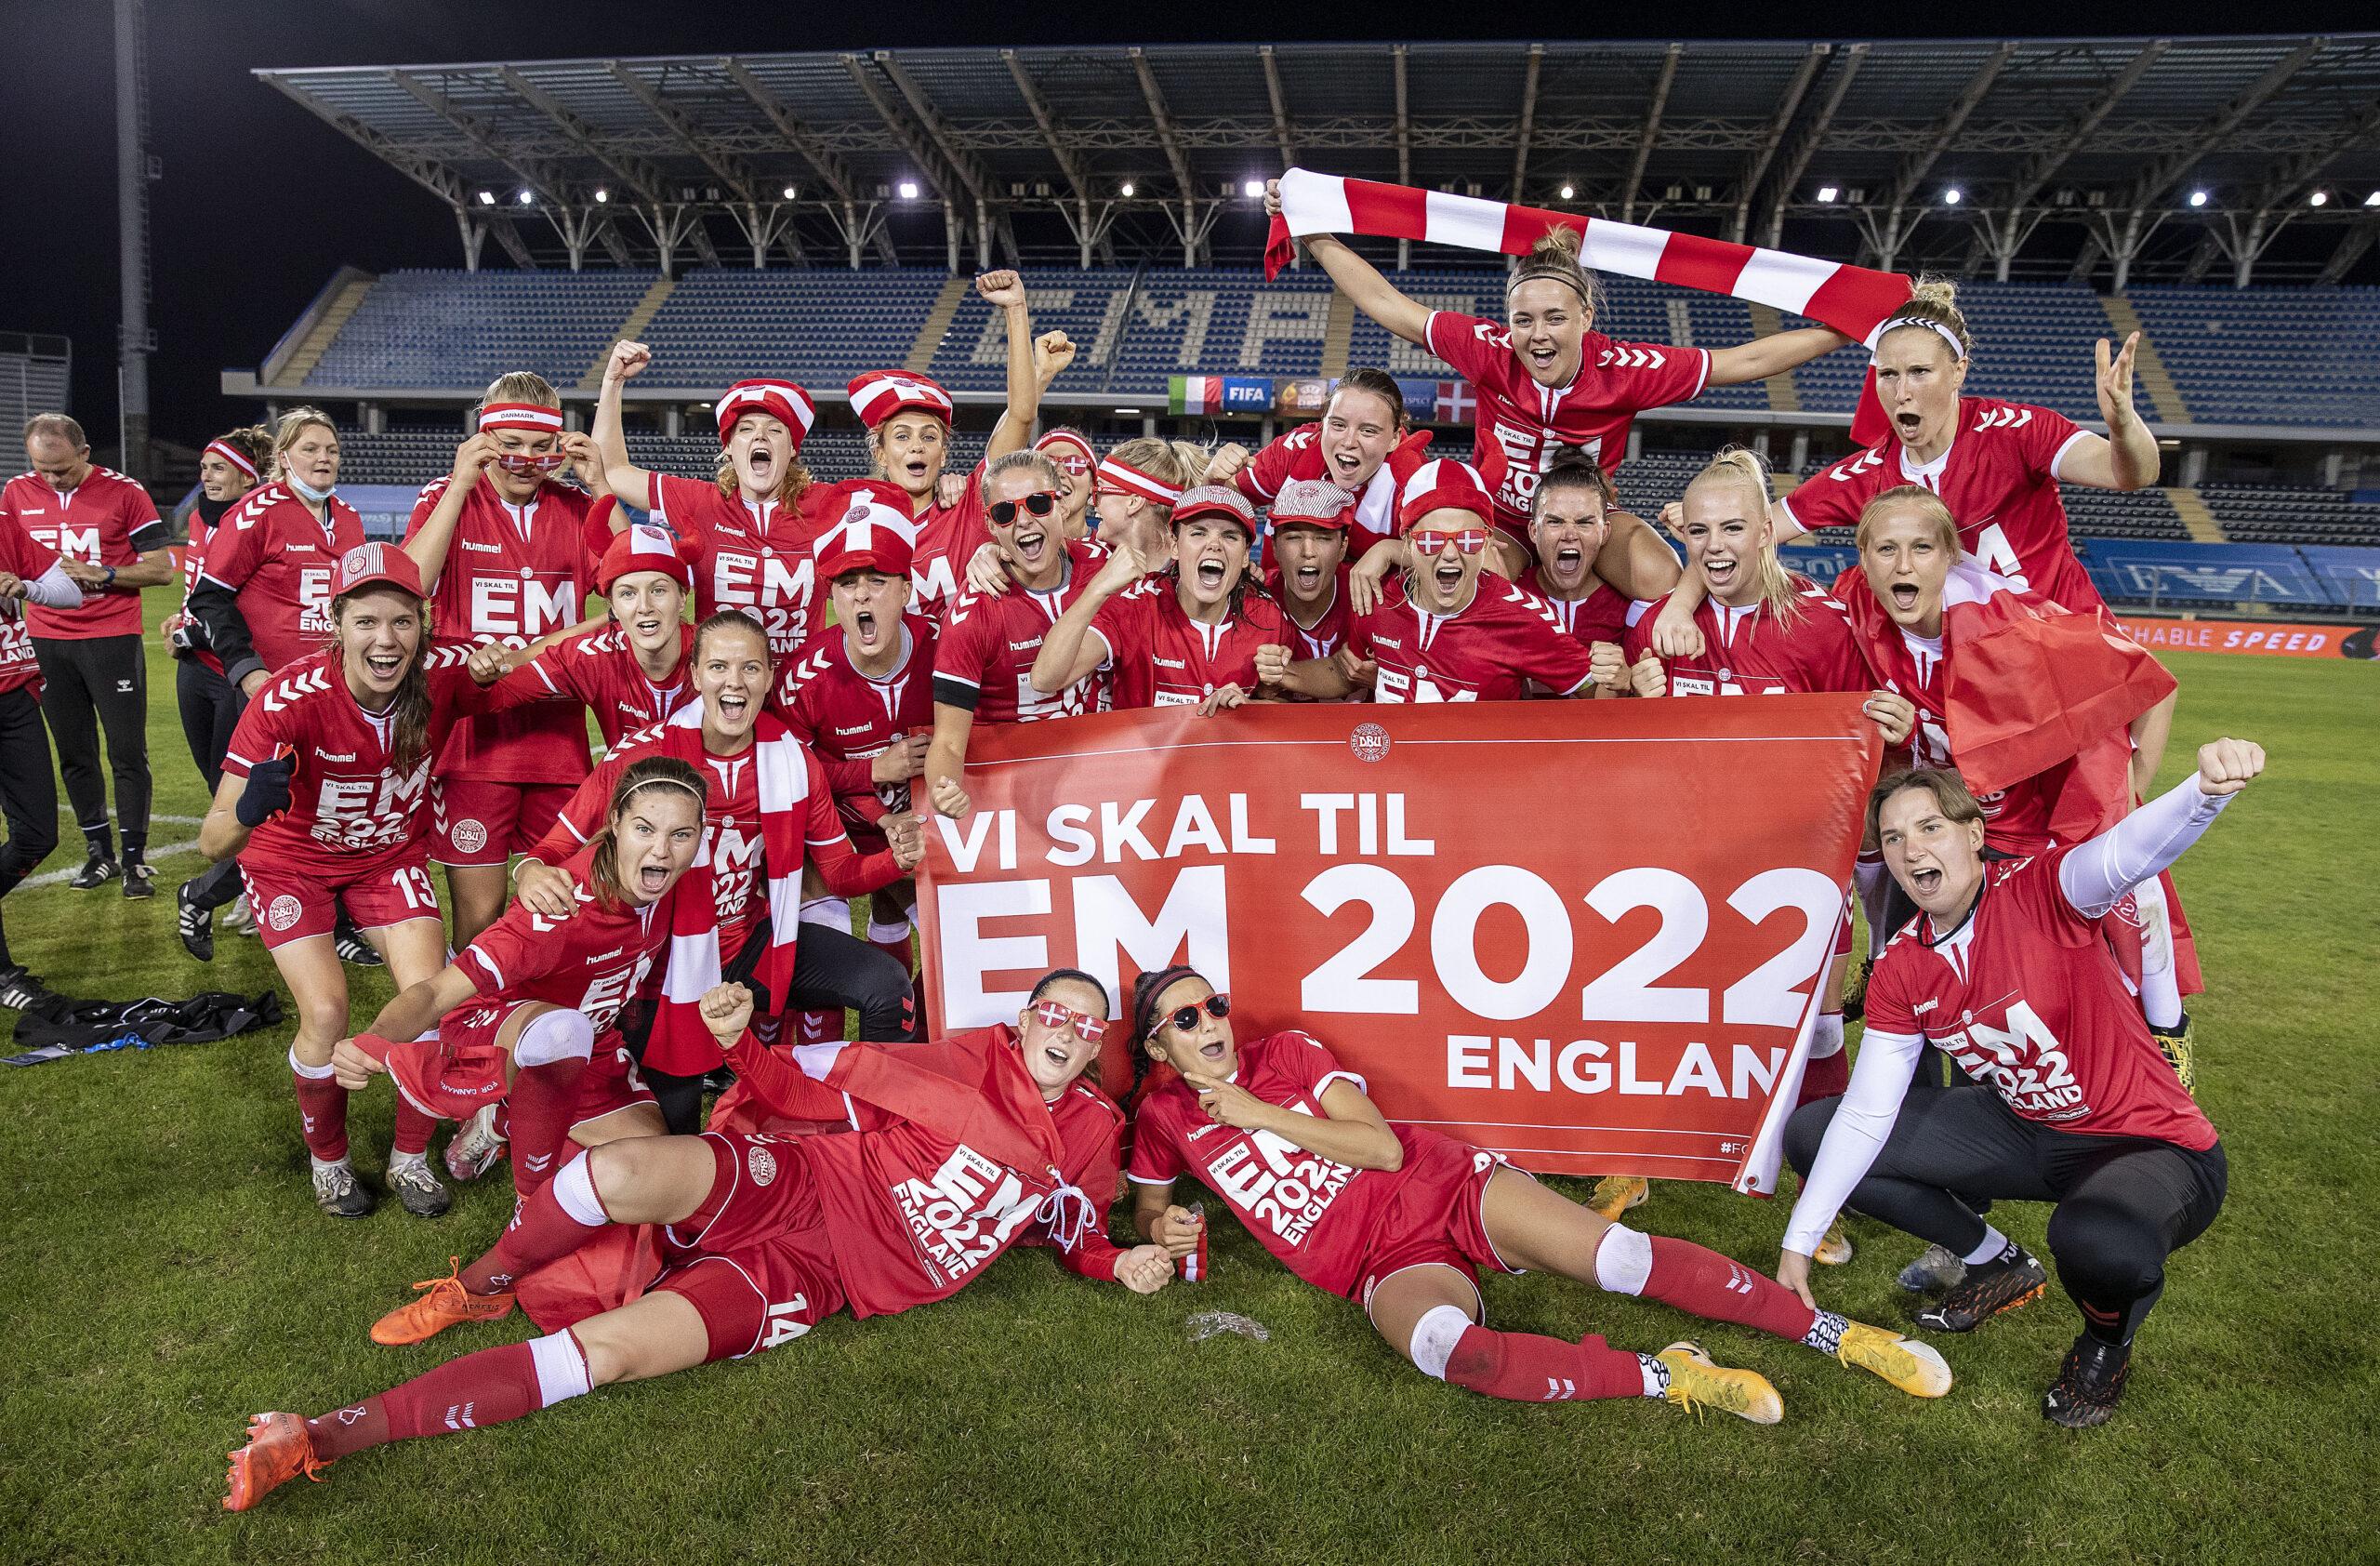 Kvindelandsholdet er klar til EM i fodbold i England